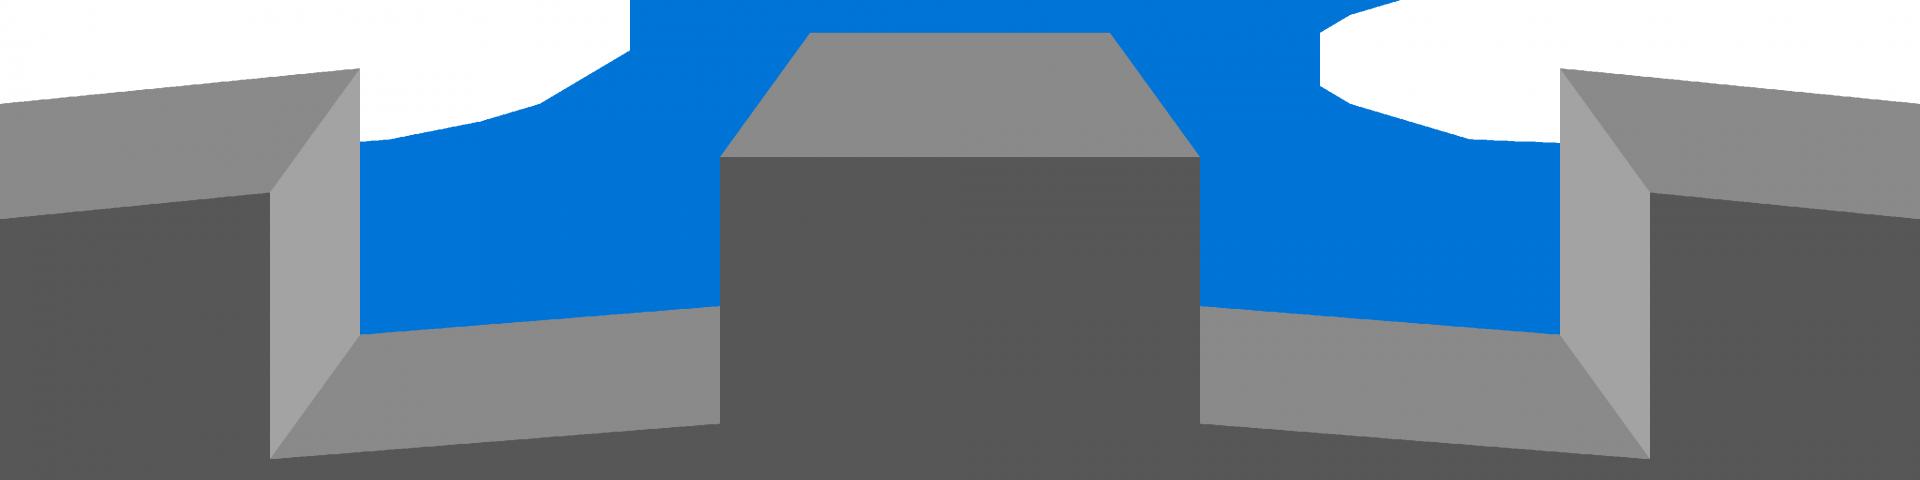 Burgseiten Apps